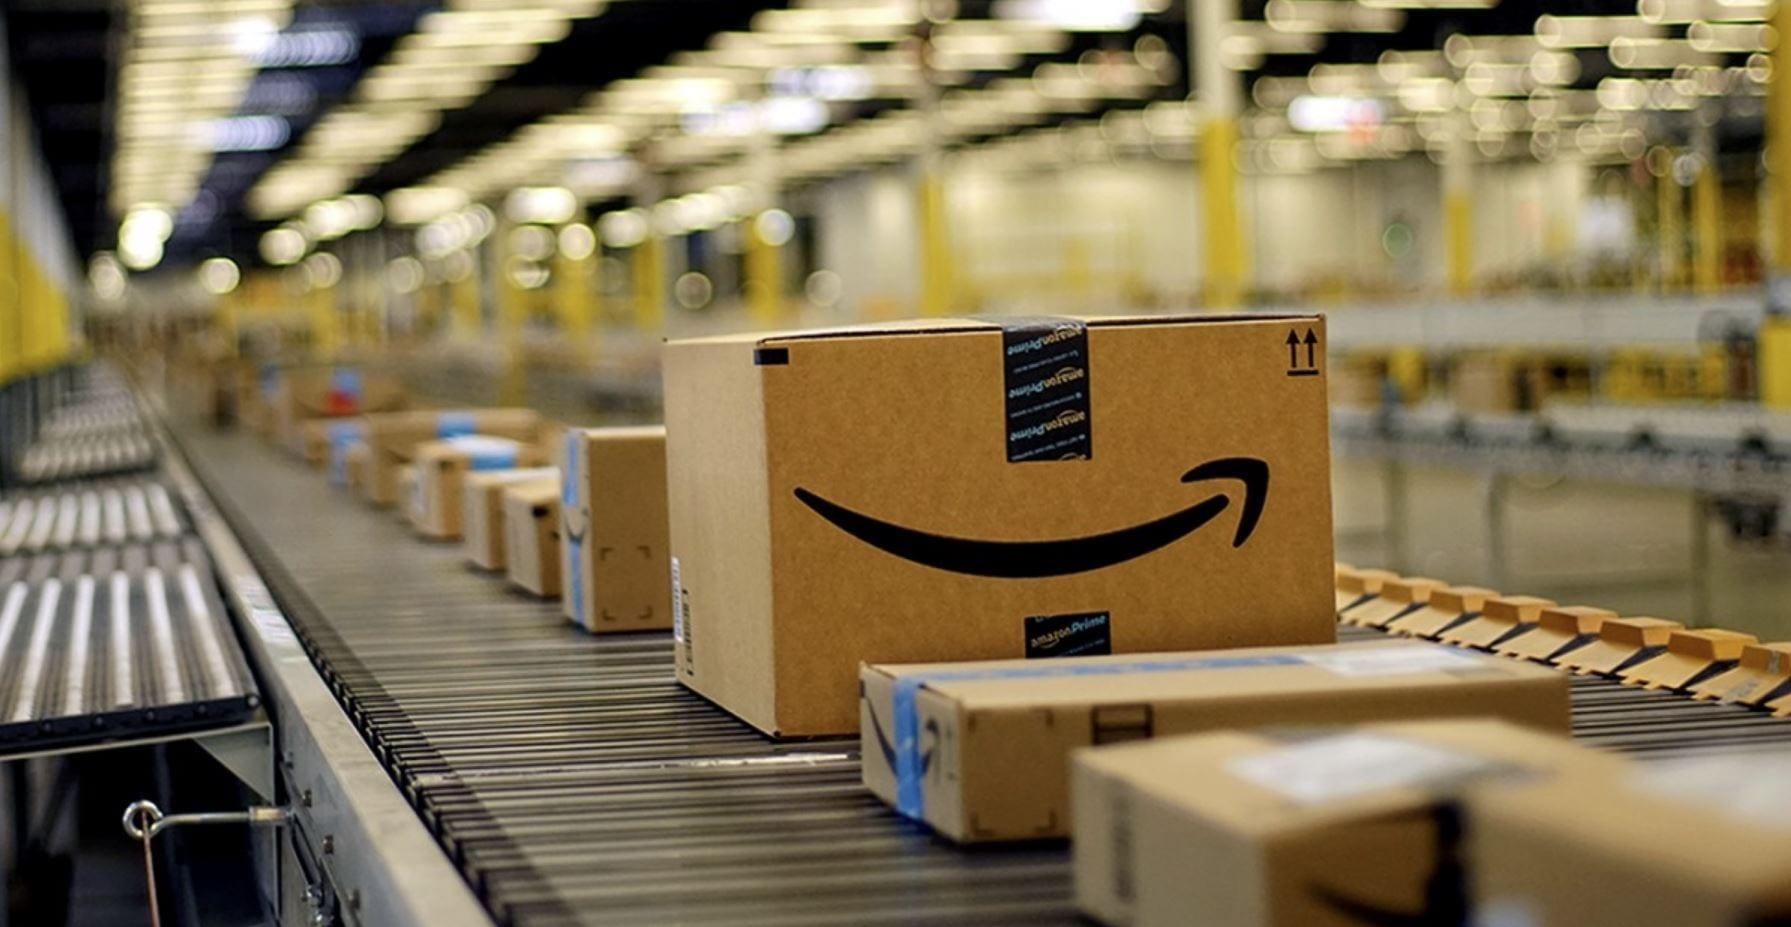 Amazon non venderà più i libri che rappresentano le identità LGBTQ come malattie mentali